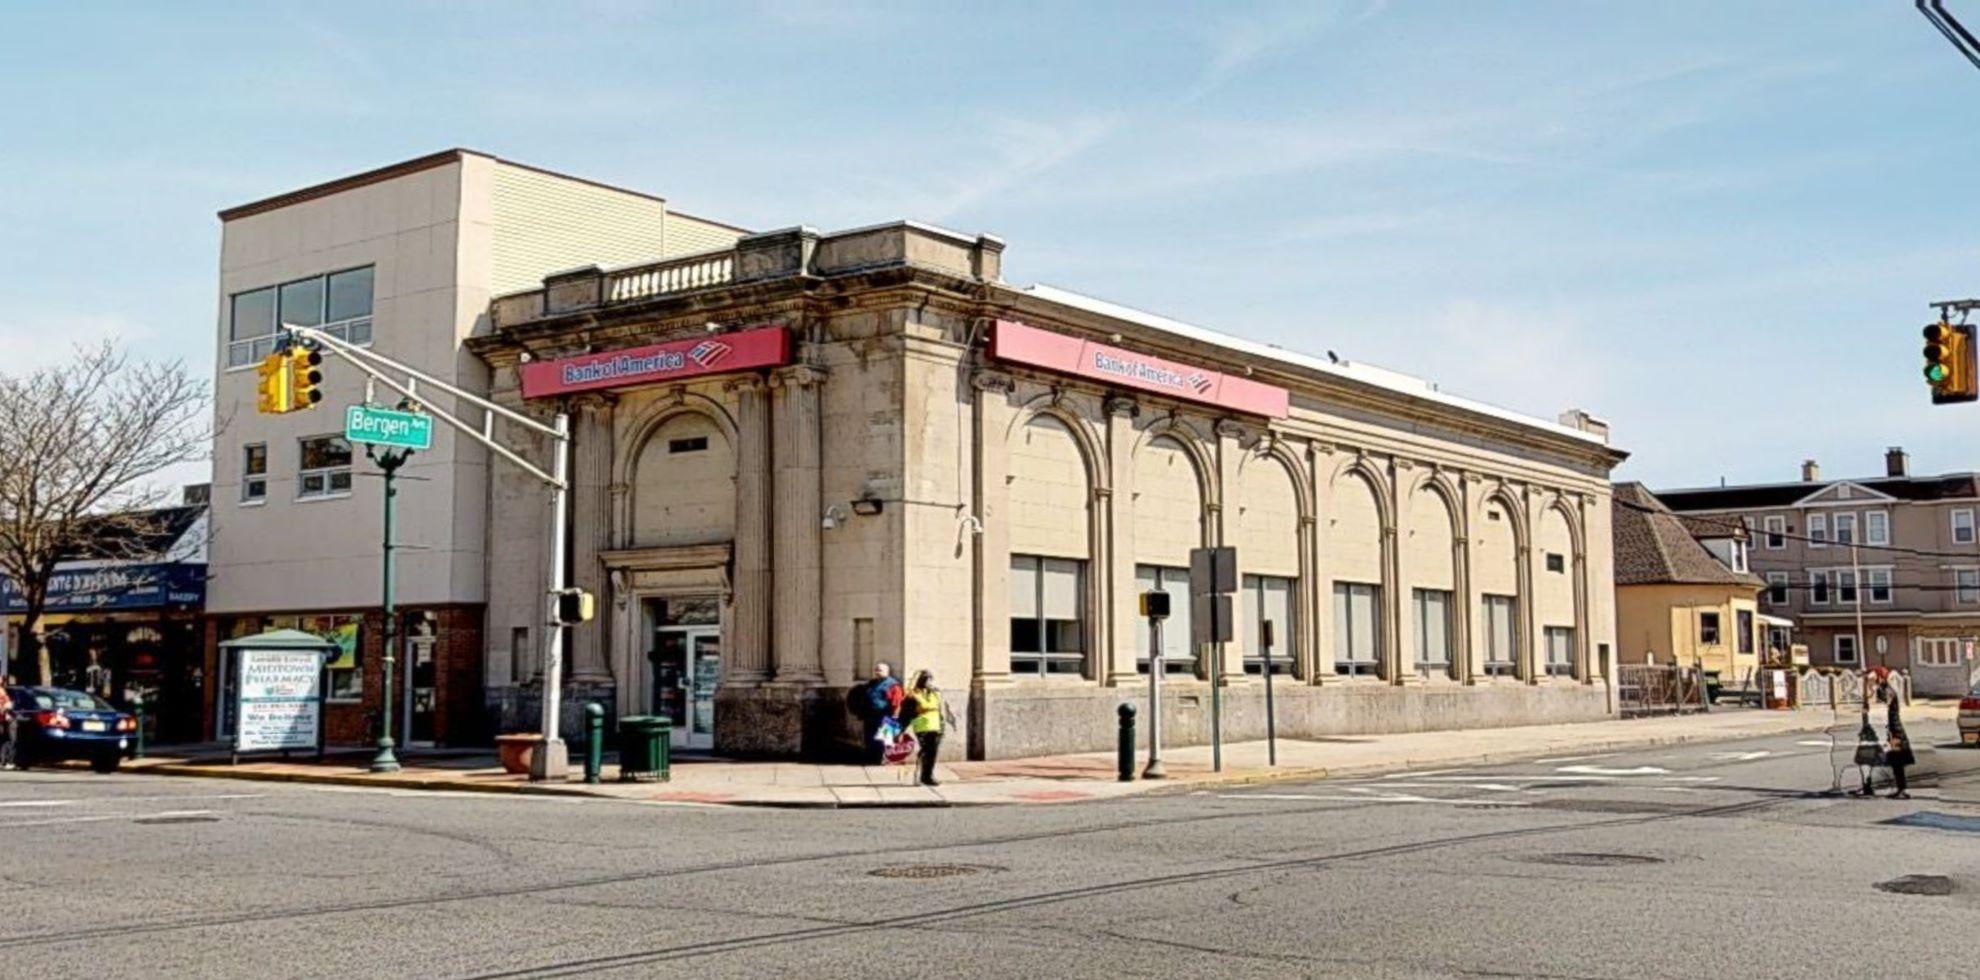 Bank of America financial center with walk-up ATM | 240 Kearny Ave, Kearny, NJ 07032